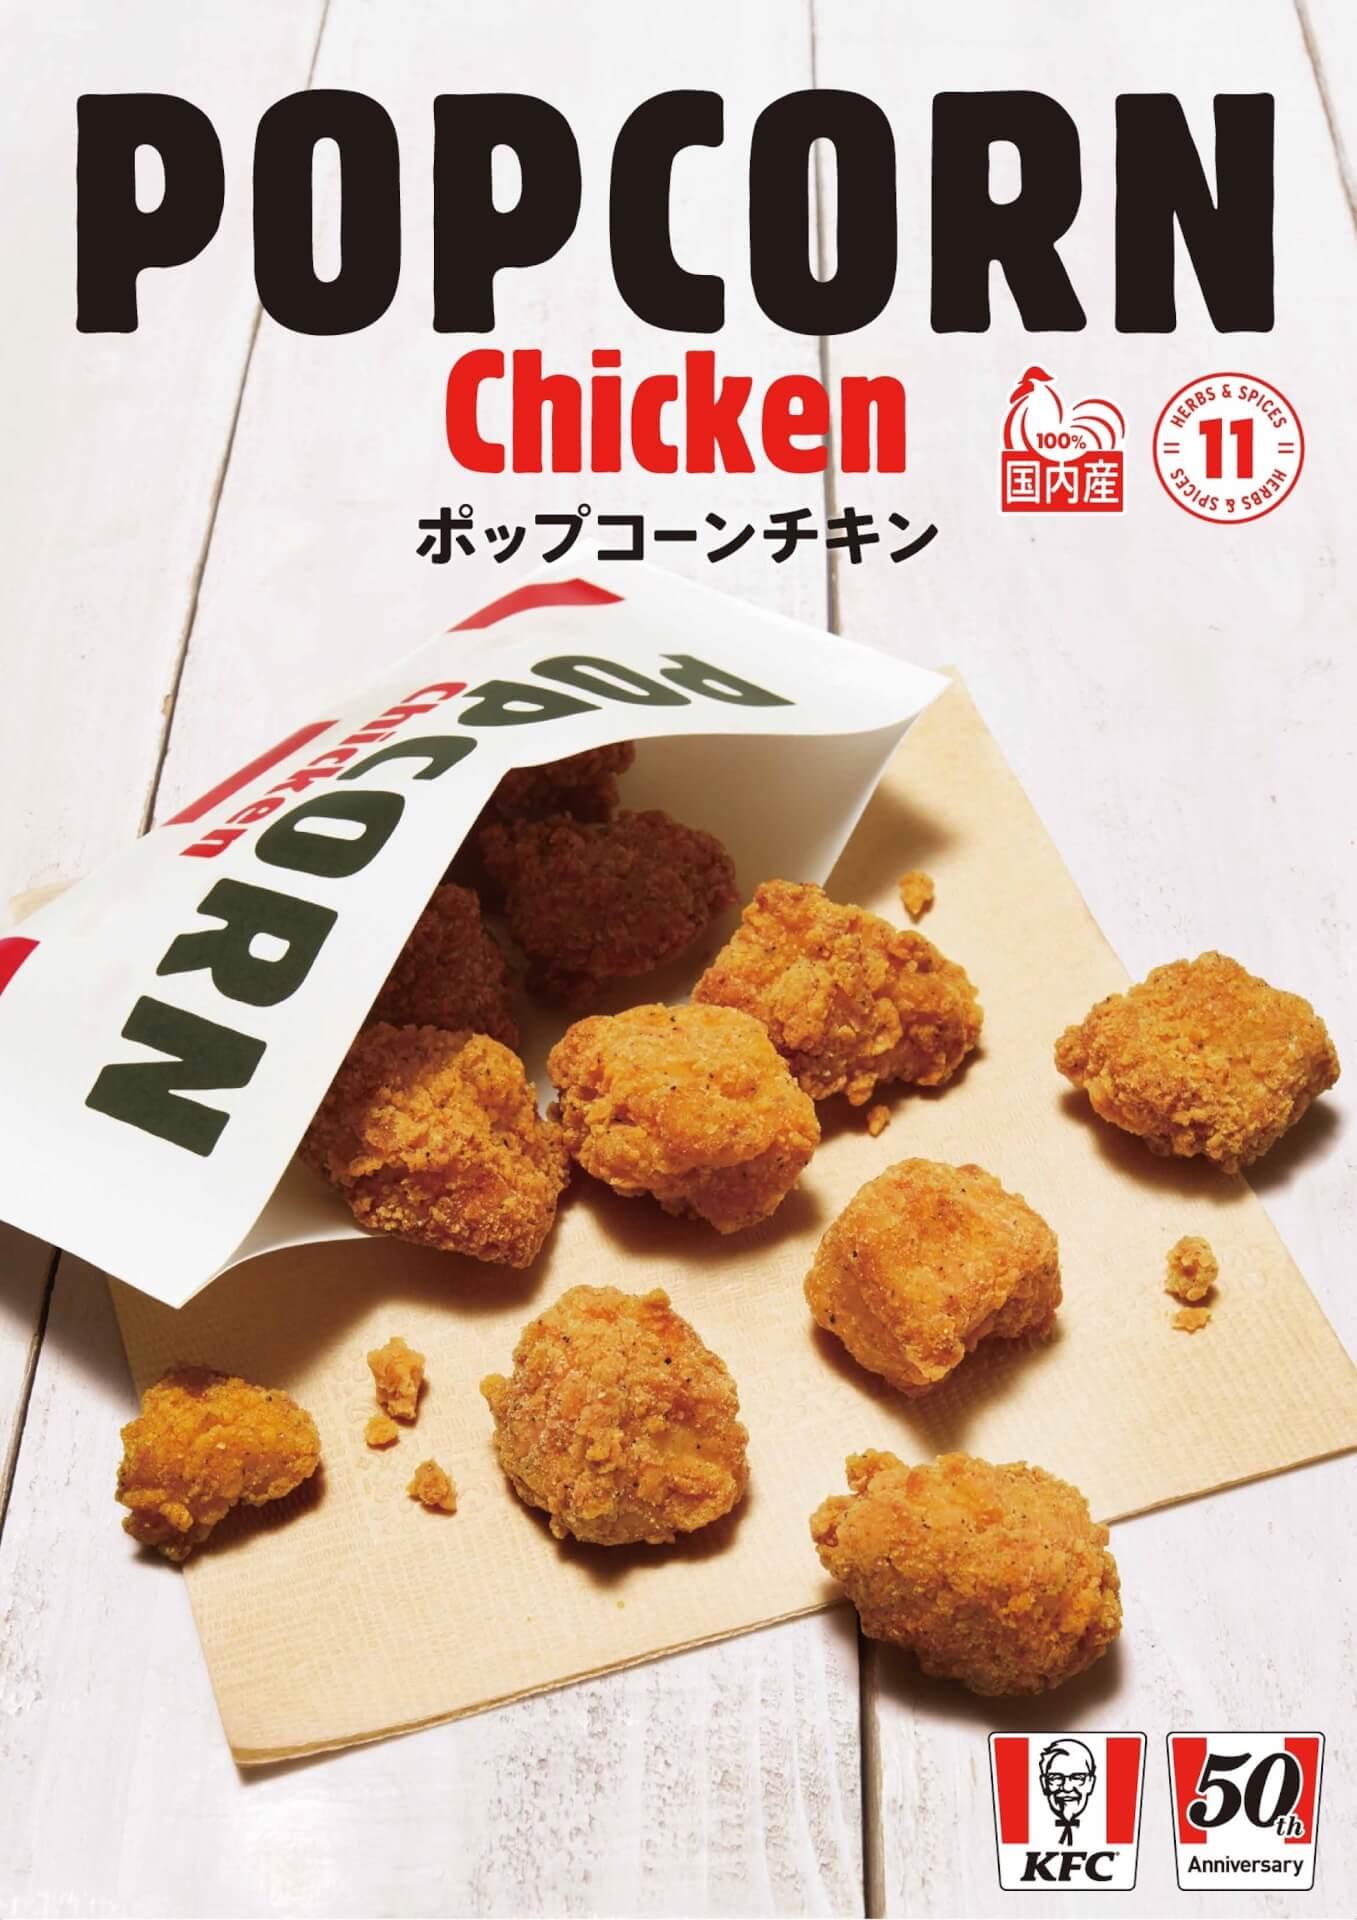 ケンタッキーフライドチキンから一口サイズの「ポップコーンチキン」が新登場!カーネル・サンダース秘伝の味付け本格チキン gourmet200513_kfc_popcornchicken_01